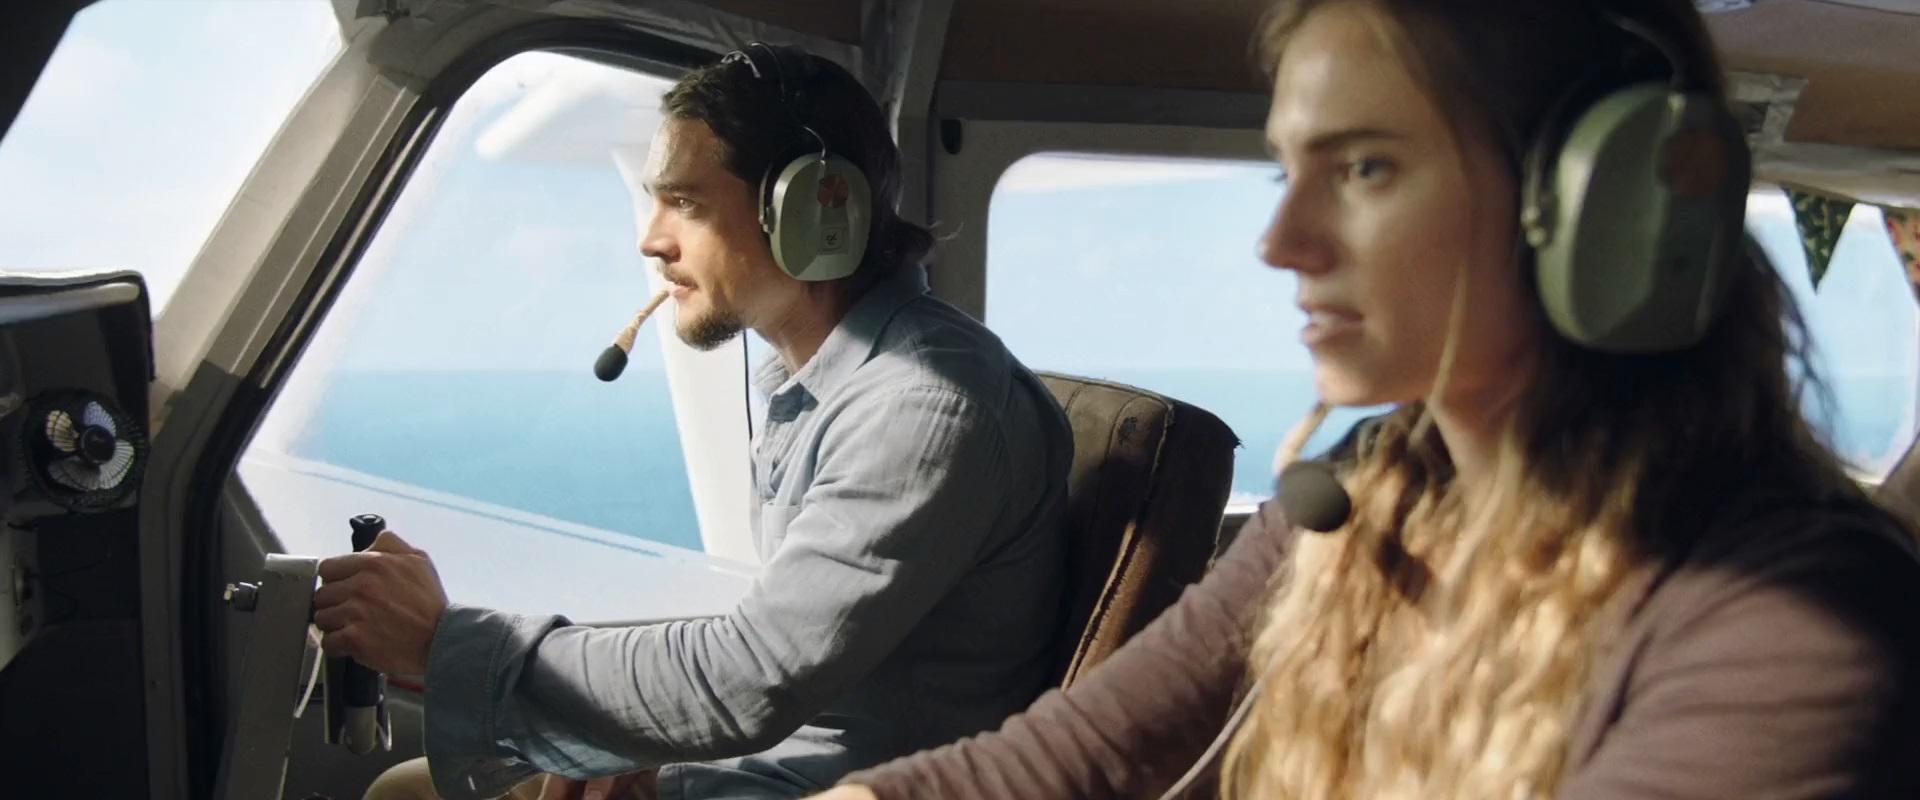 Ufuk Çizgisi   Horizon Line   2021   WEB-DL   XviD   Türkçe Dublaj   1080p - m720p - m1080p   WEB-DL   Dual   TR-EN   Tek Link